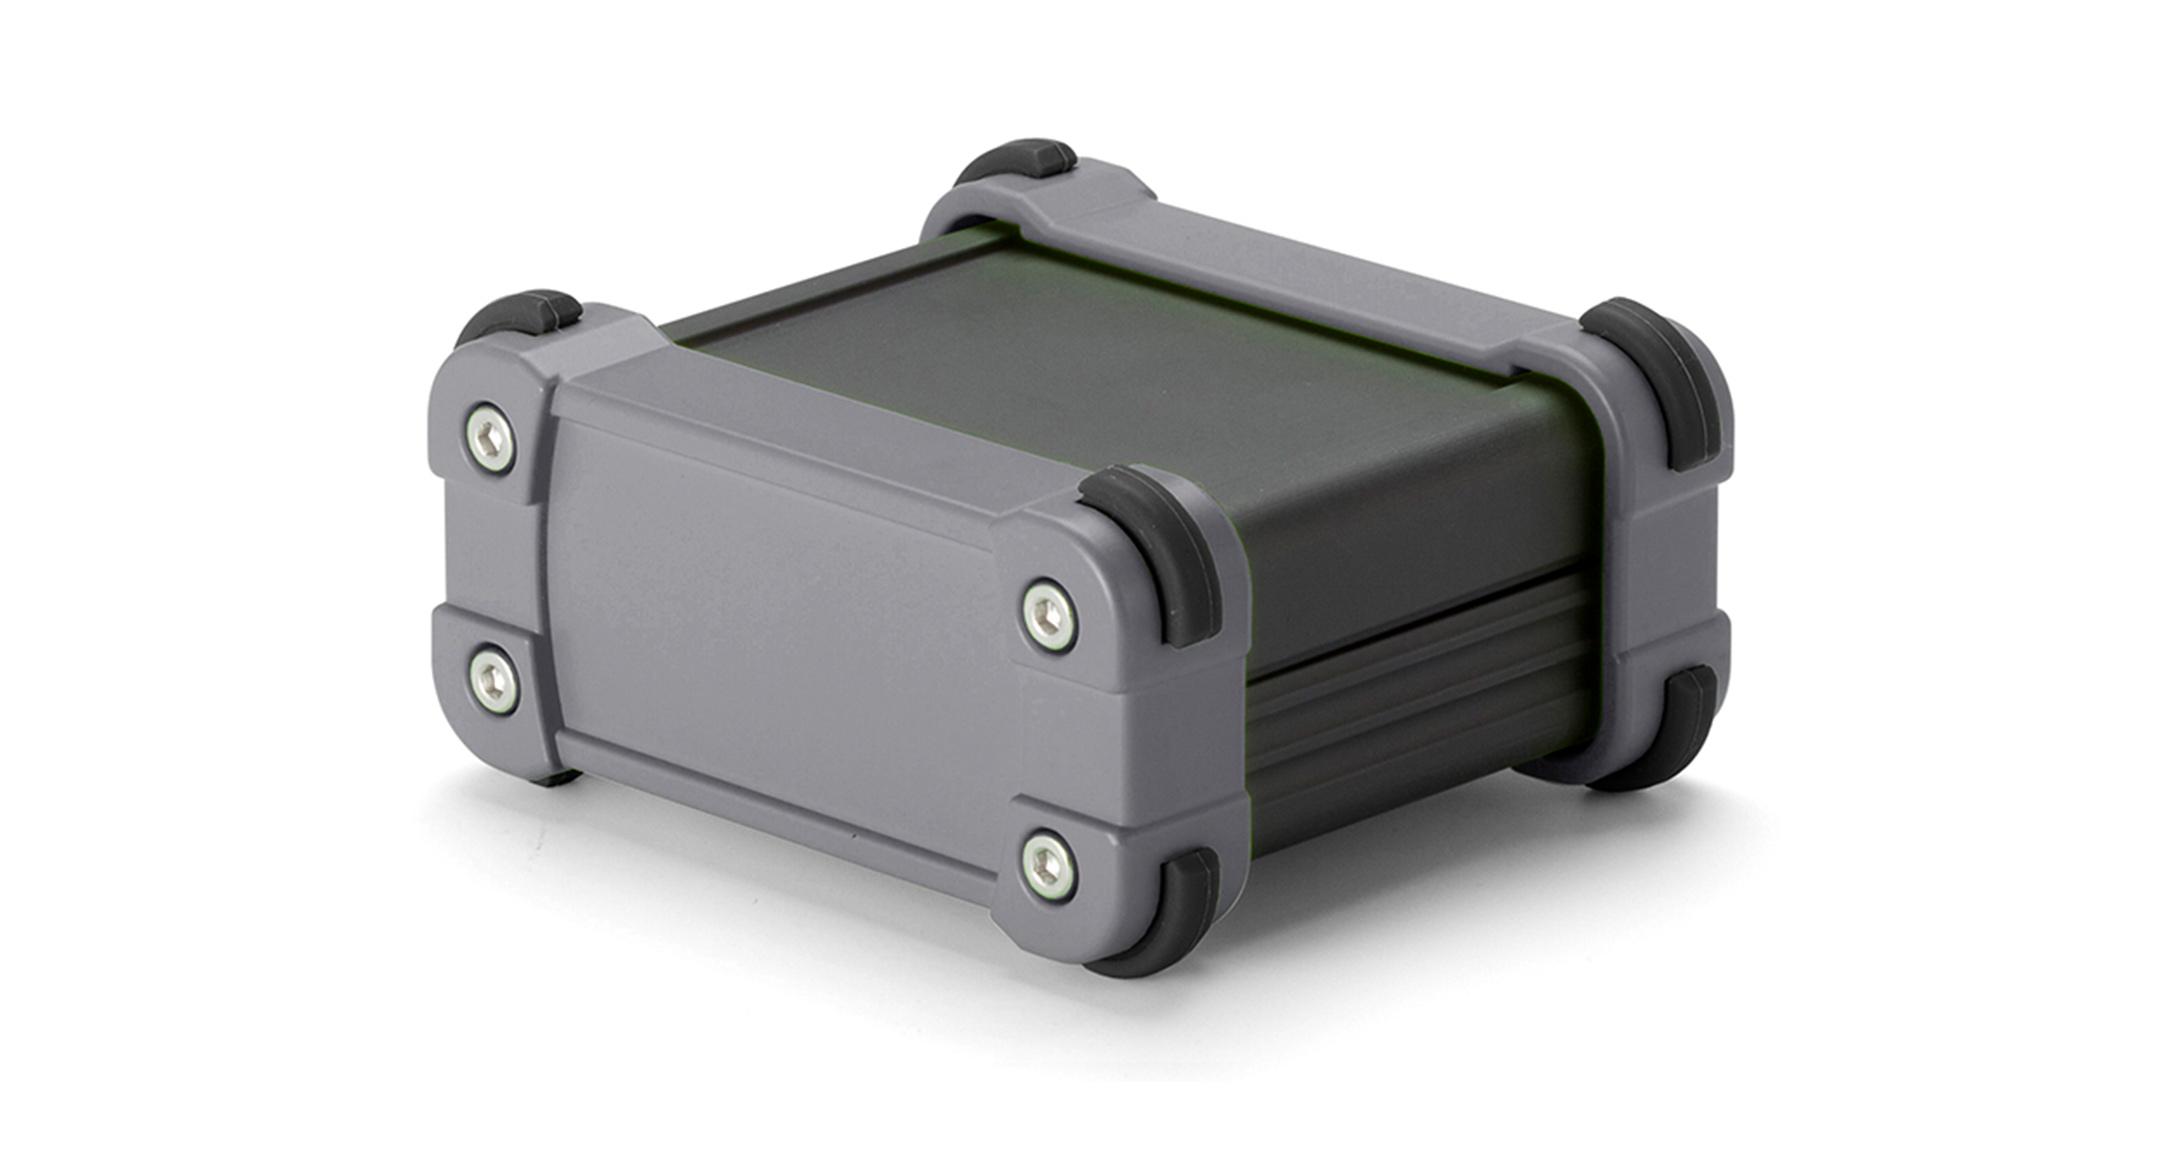 IP65コーナーガード付 防水アルミケース EXWシリーズ:ブラック/グレーの画像